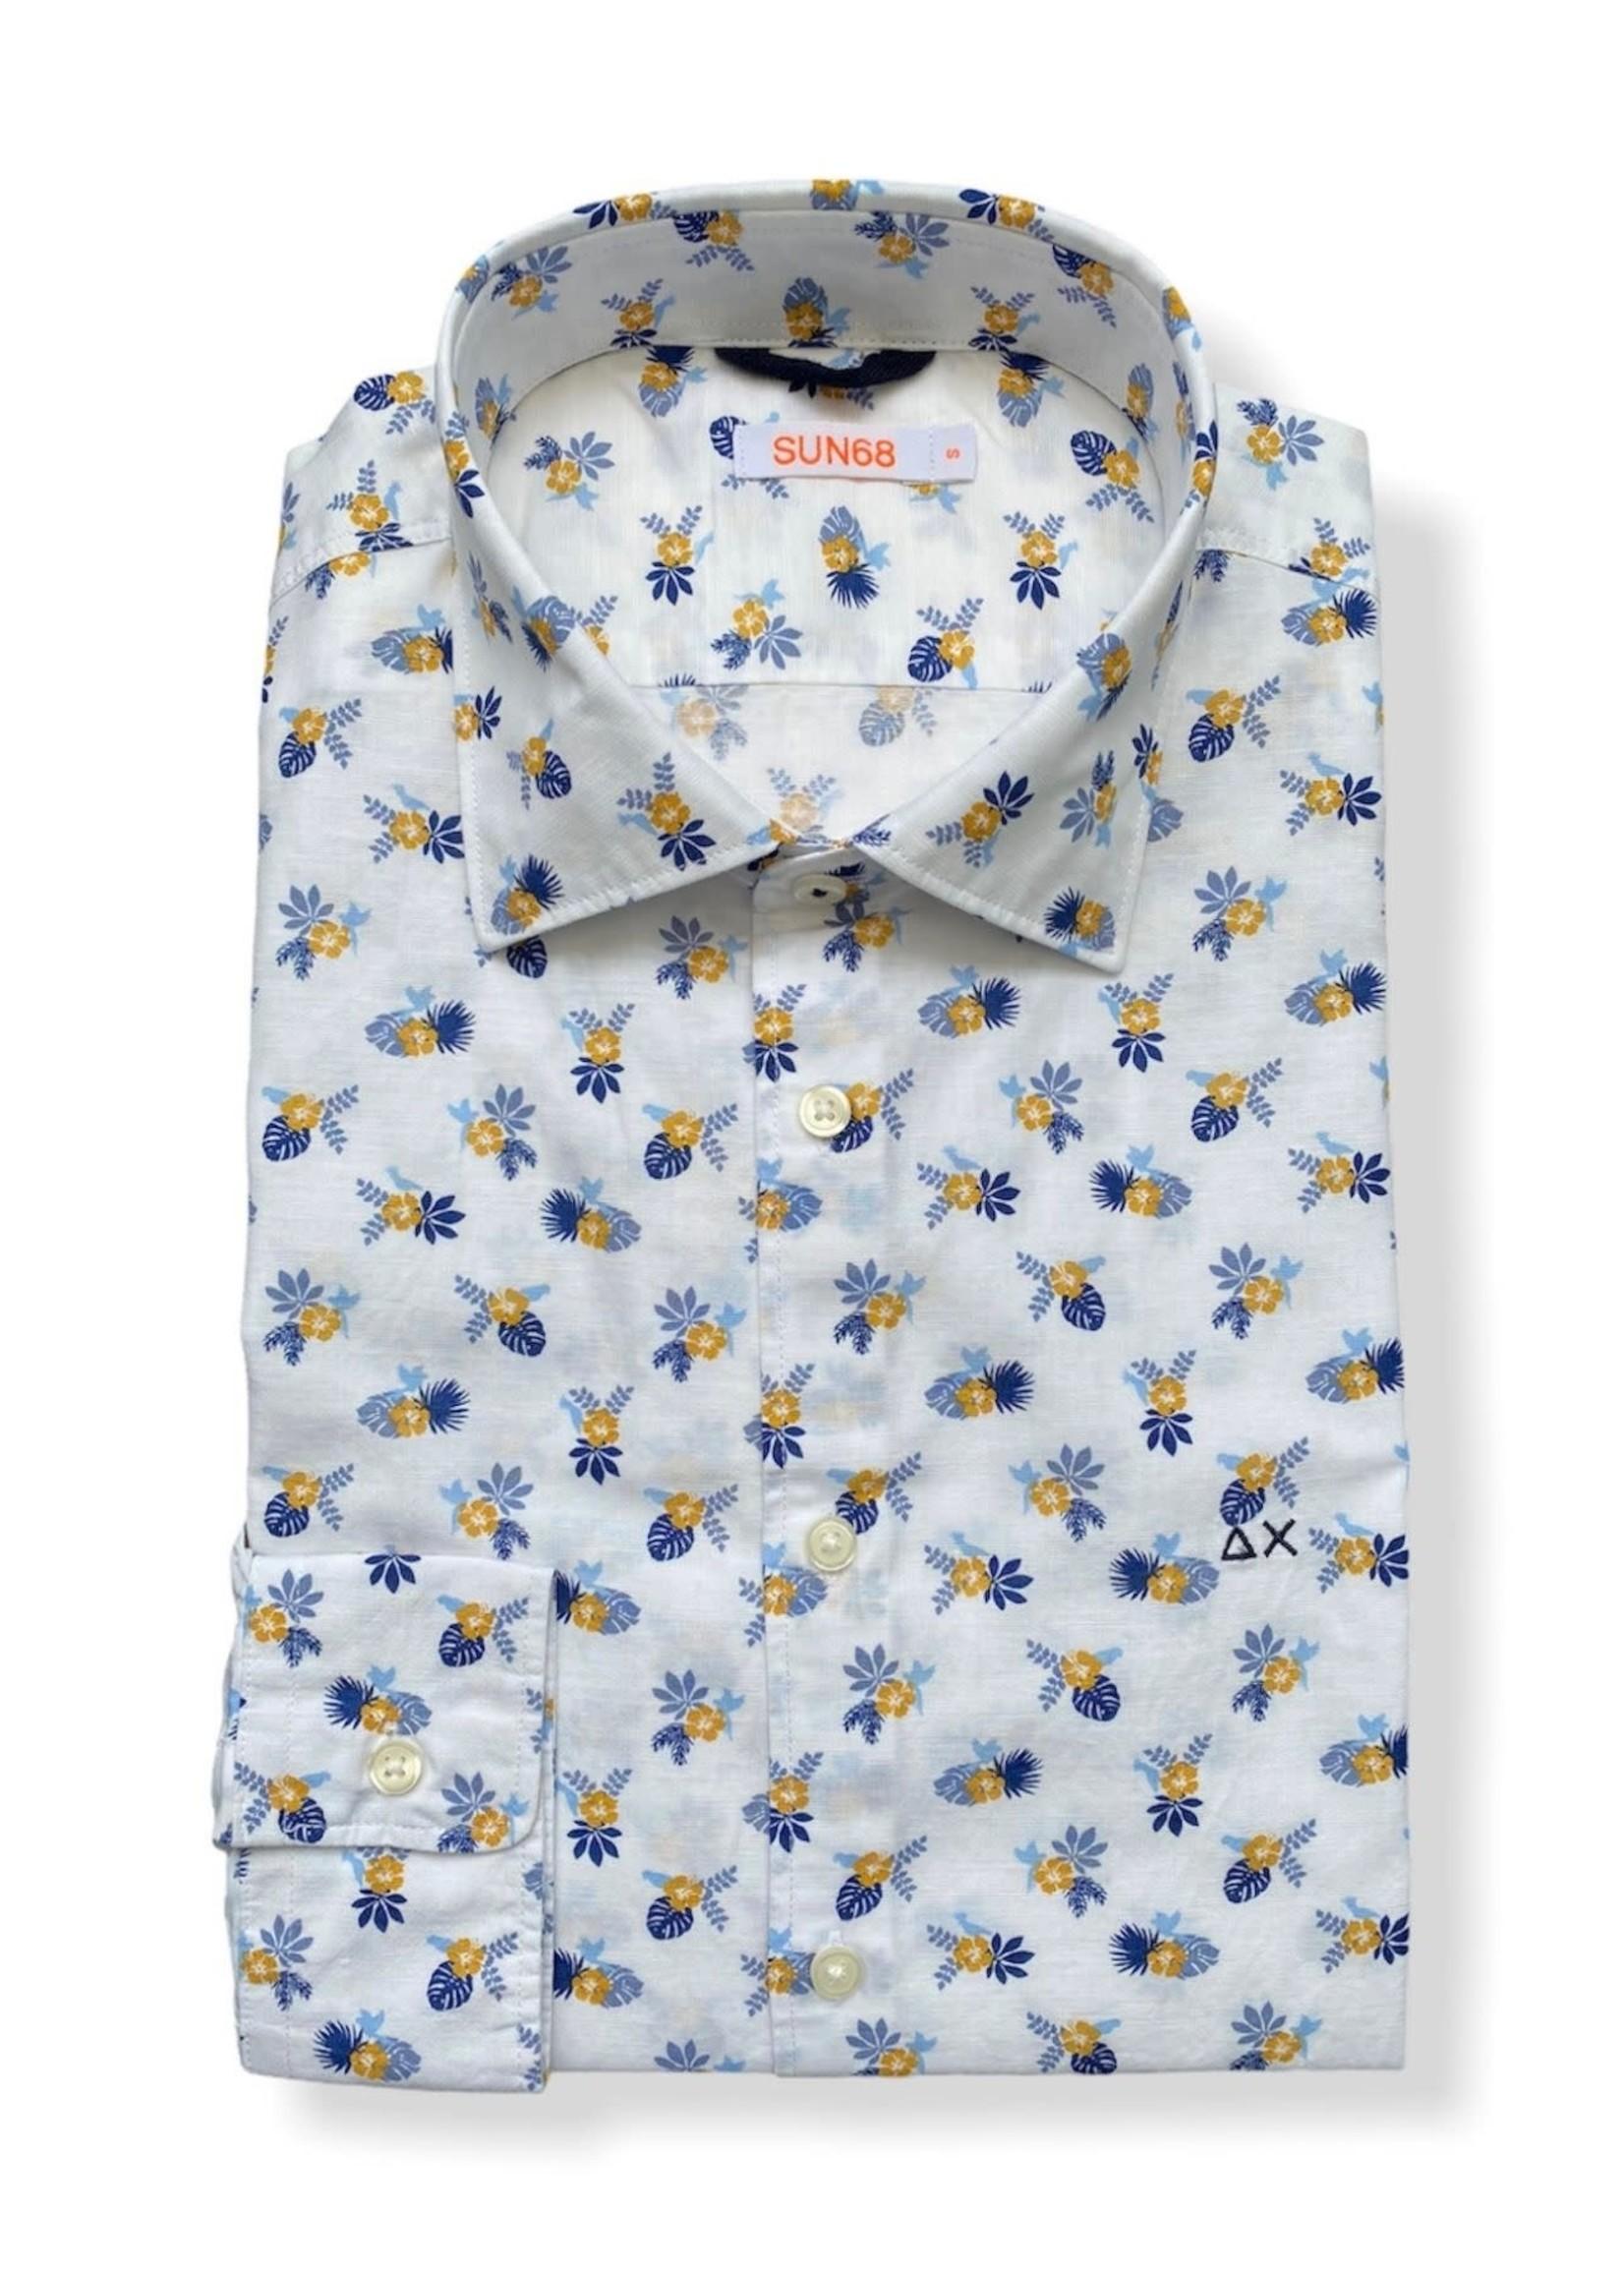 SUN68 Overhemd met bloemenprint | Wit | SUN68